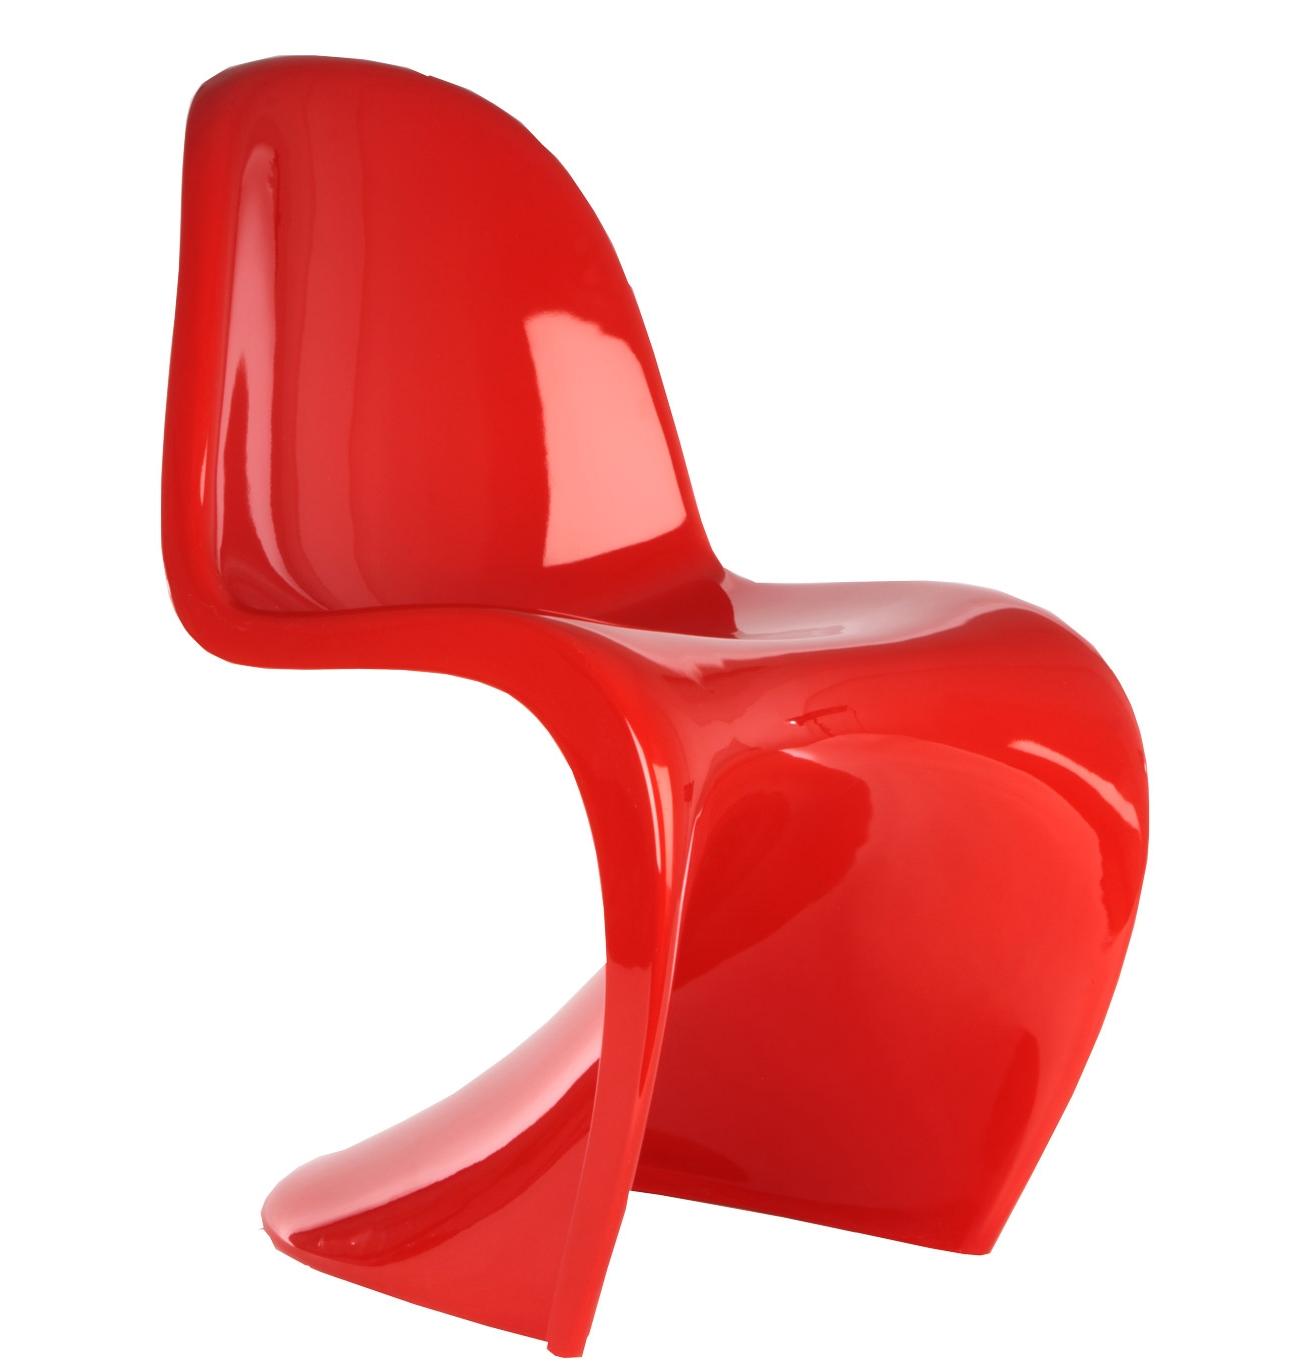 Replica verner panton chair premium farbe und licht im kontext - Verner panton chair replica ...